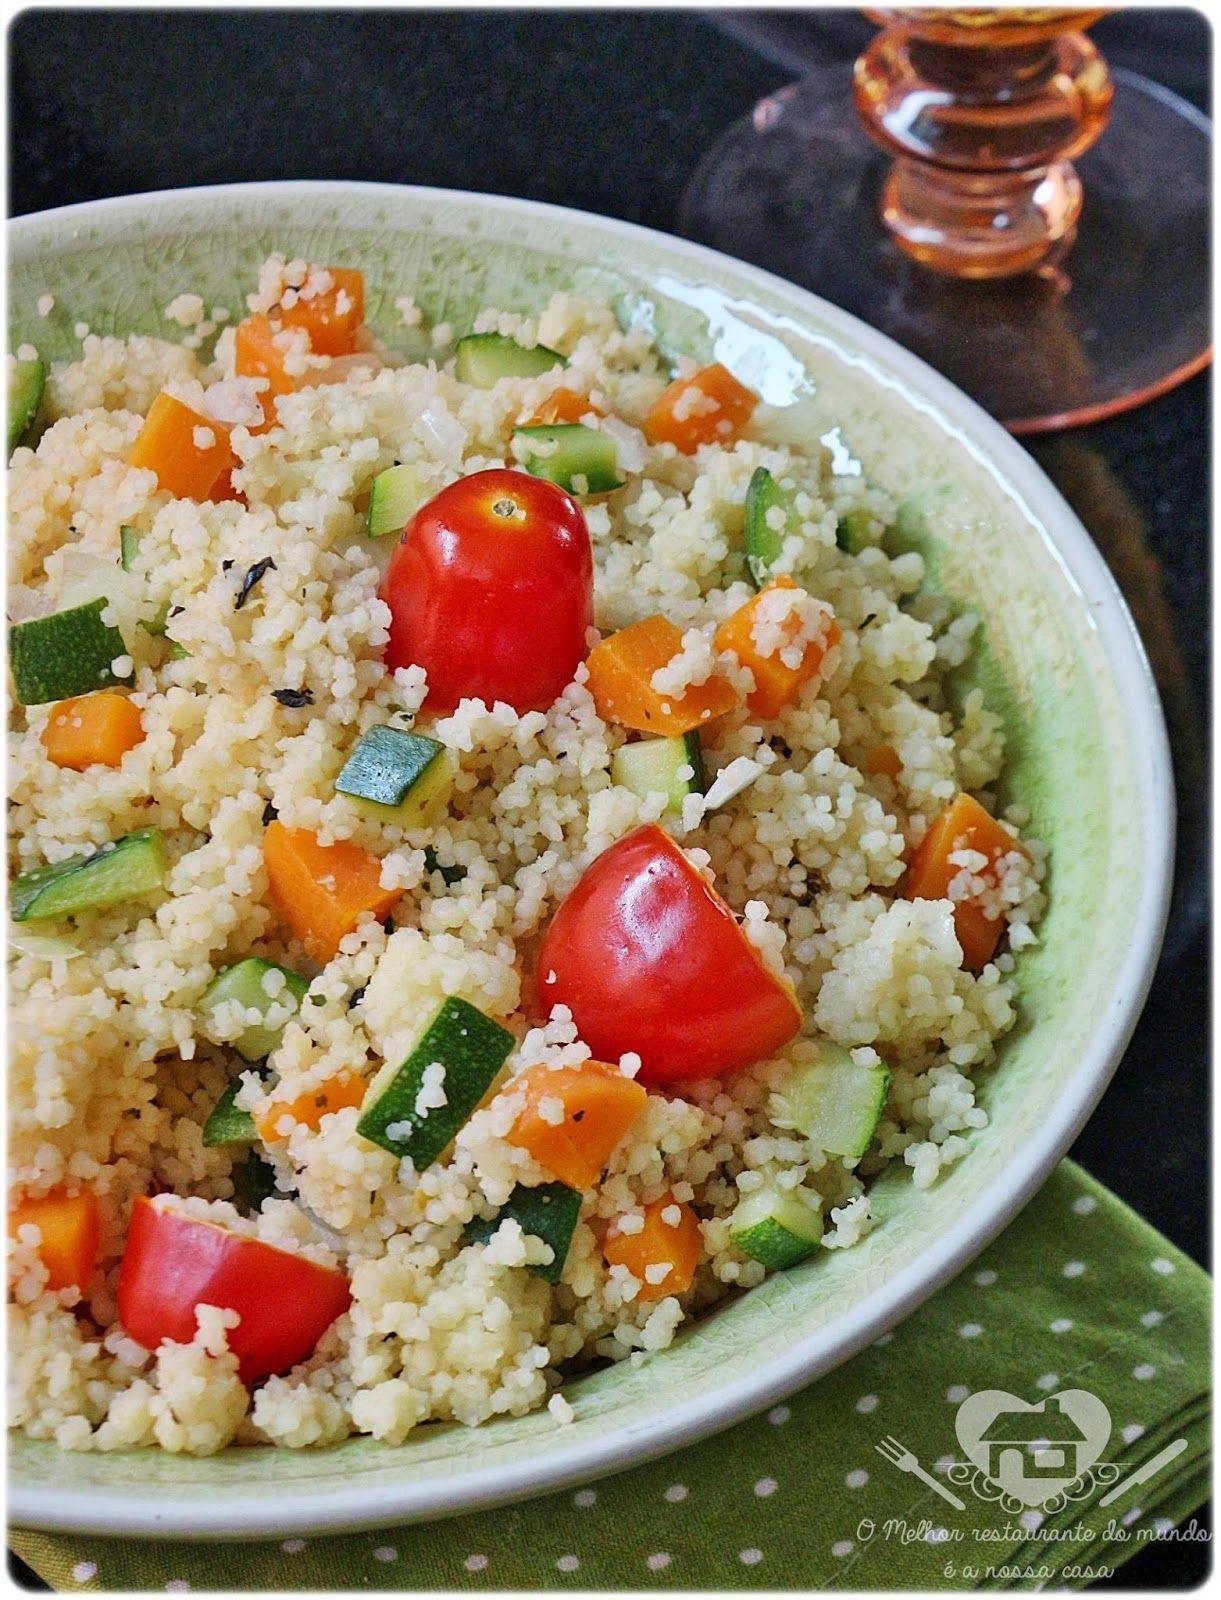 Cuzcuz Marroquino Com Legumes Com Imagens Comida Marroquina